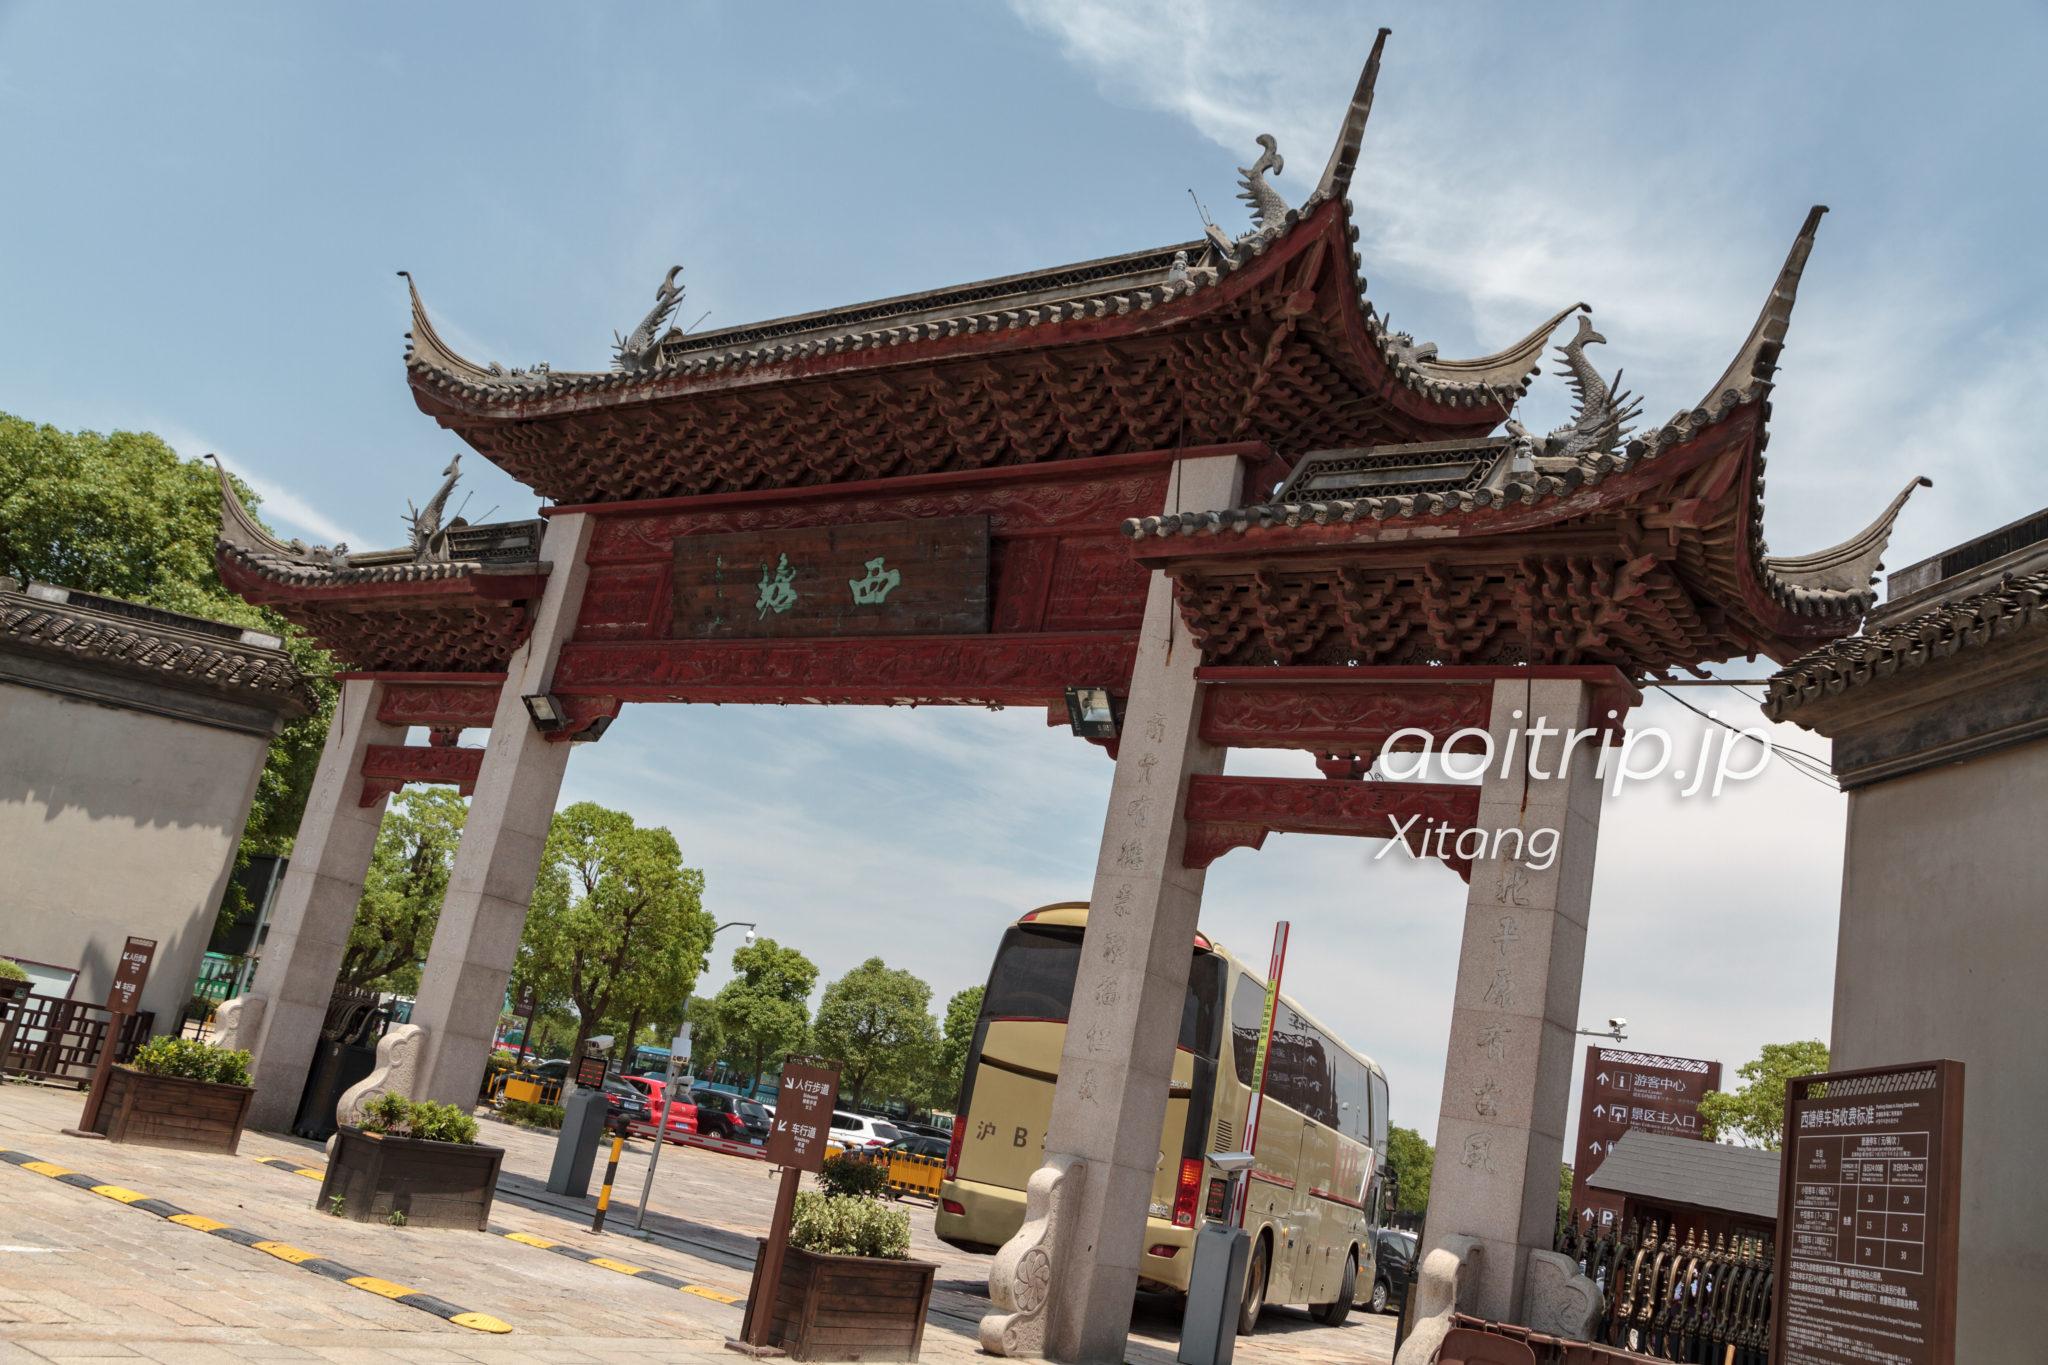 西塘古鎮(水郷)観光・旅行記 Xitang, China